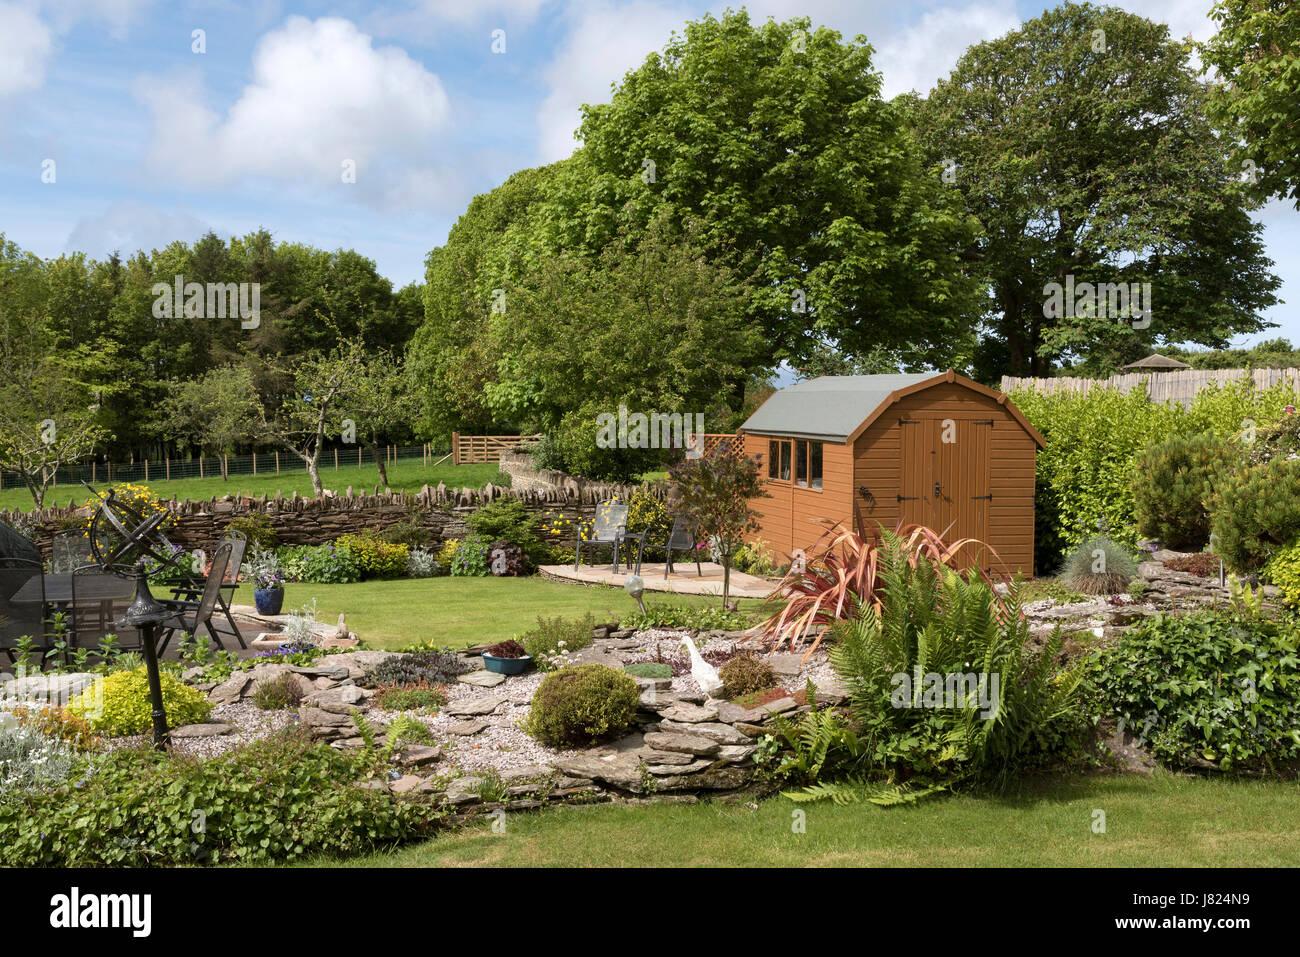 Eine Scheune holländischen Stil Gartenhaus mit Terrasse in ...